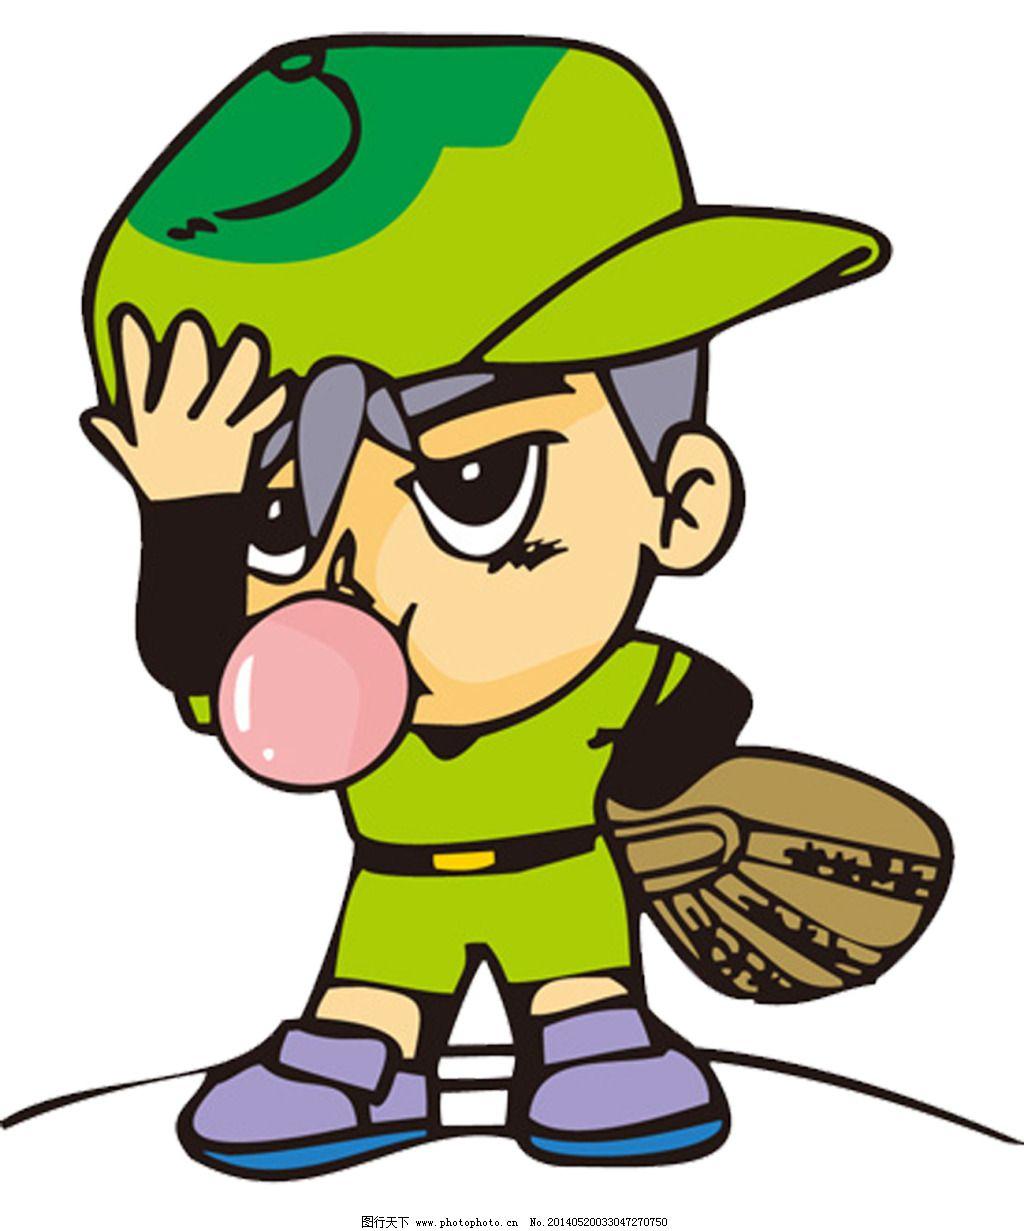 戴帽子的小男孩免费下载